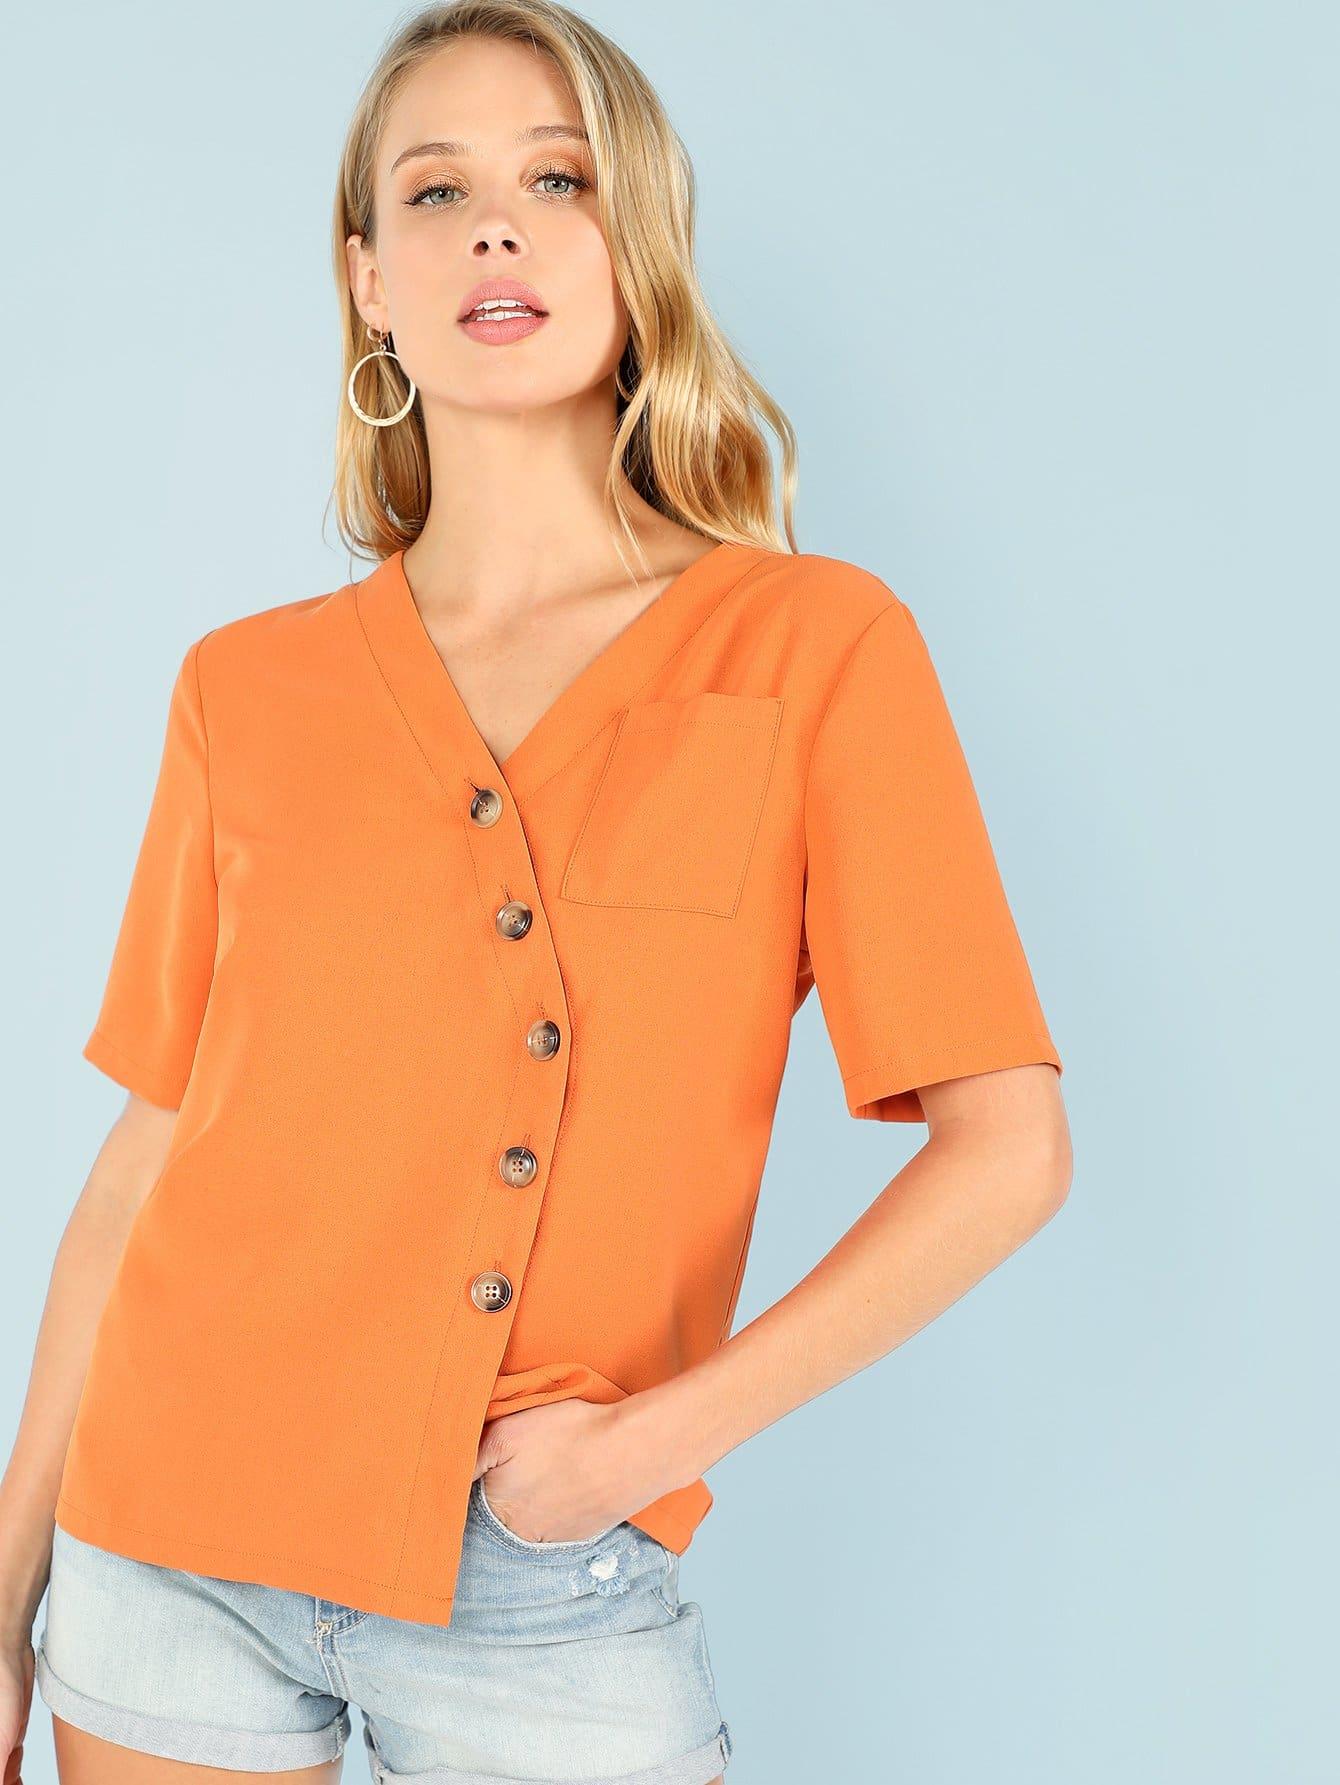 Купить Одиночная карманная асимметричная рубашка в клетке, Allie Leggett, SheIn